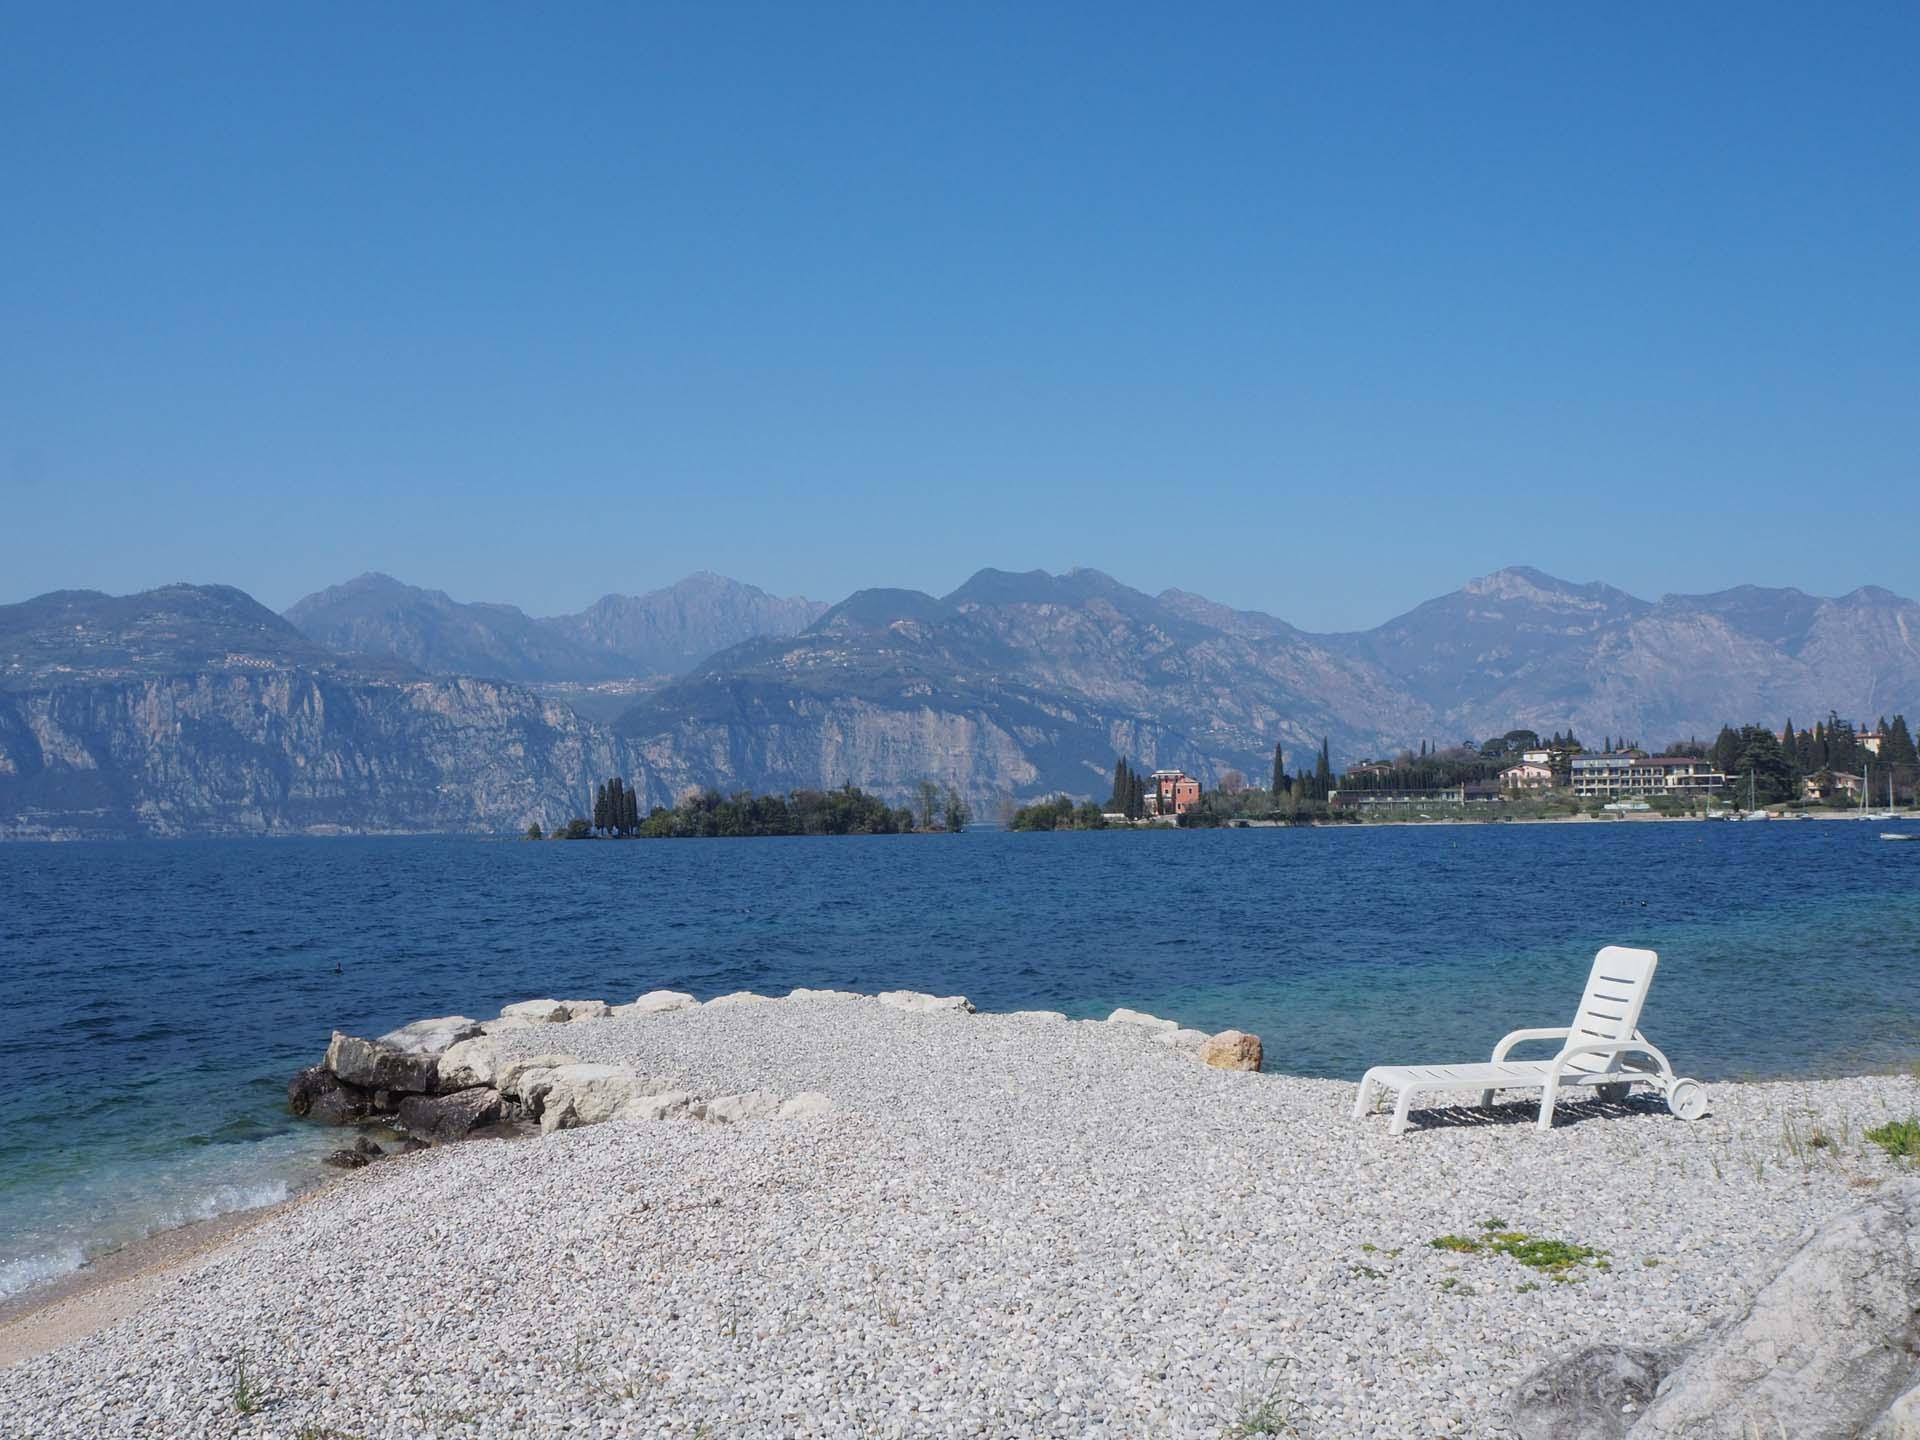 Spiagge_Malcesine_spiagge_lago_di_gardaCOVID_94_of_311.jpg